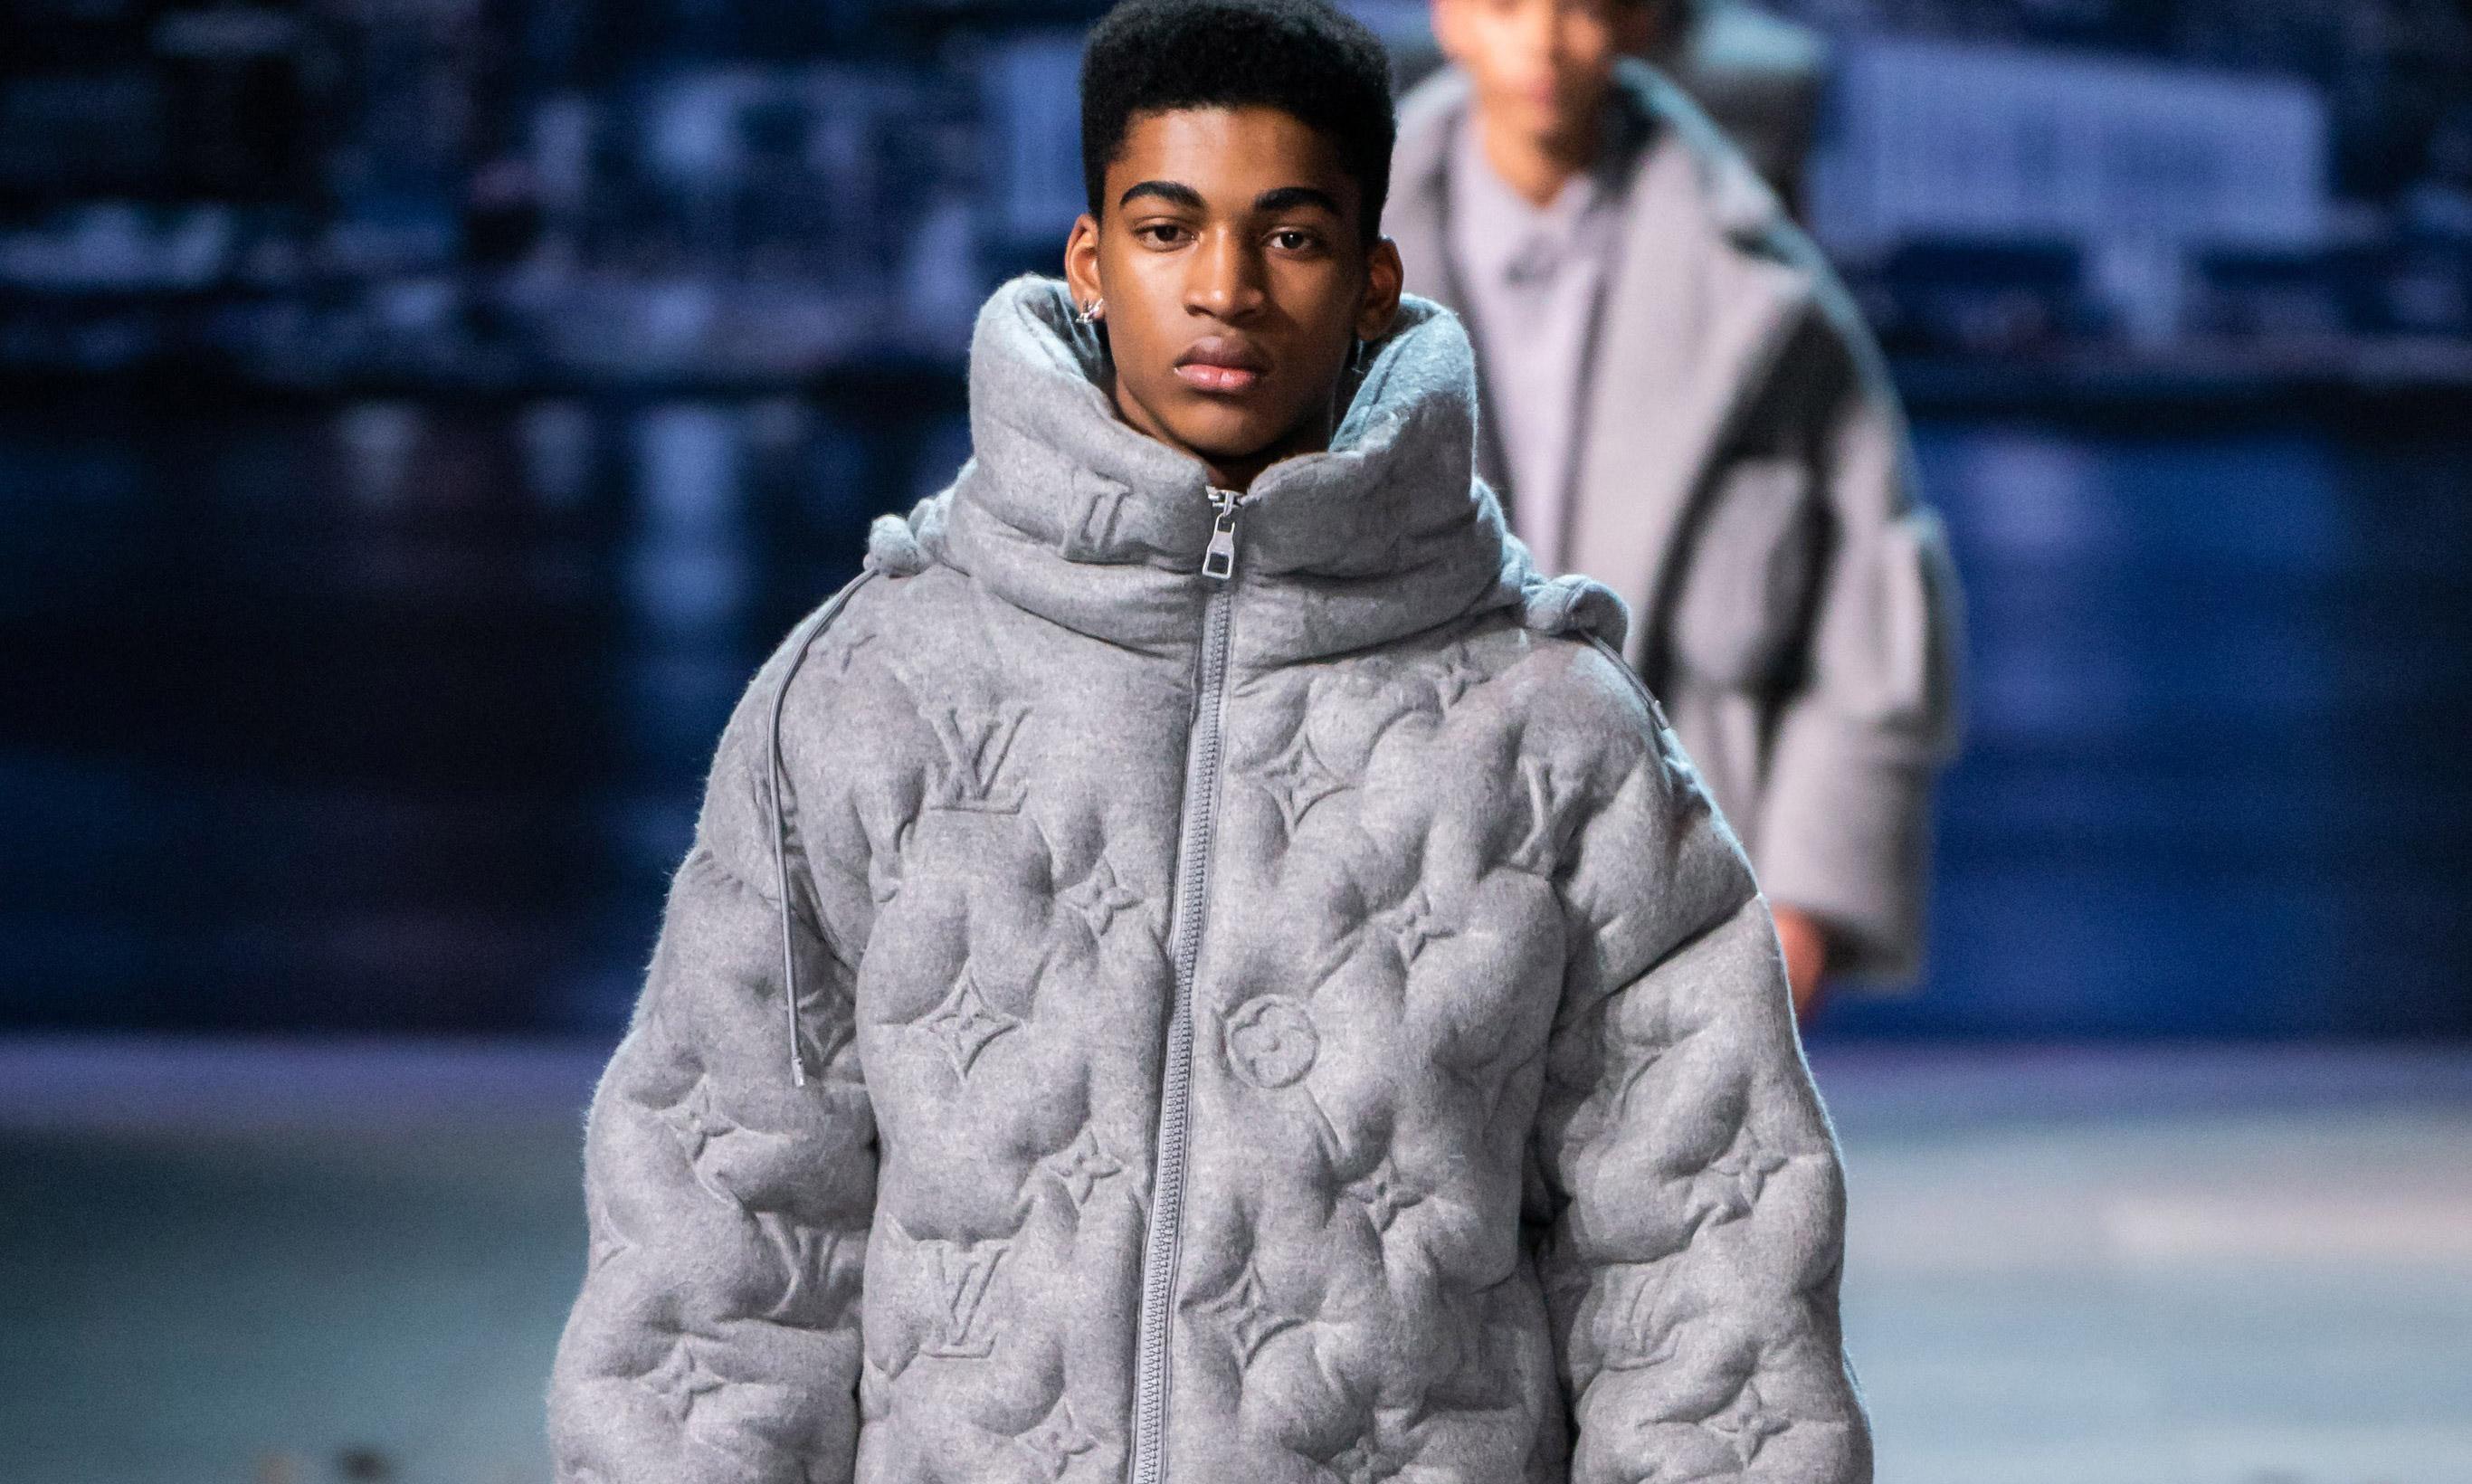 Louis Vuitton 2019 秋冬男装系列秀场回顾